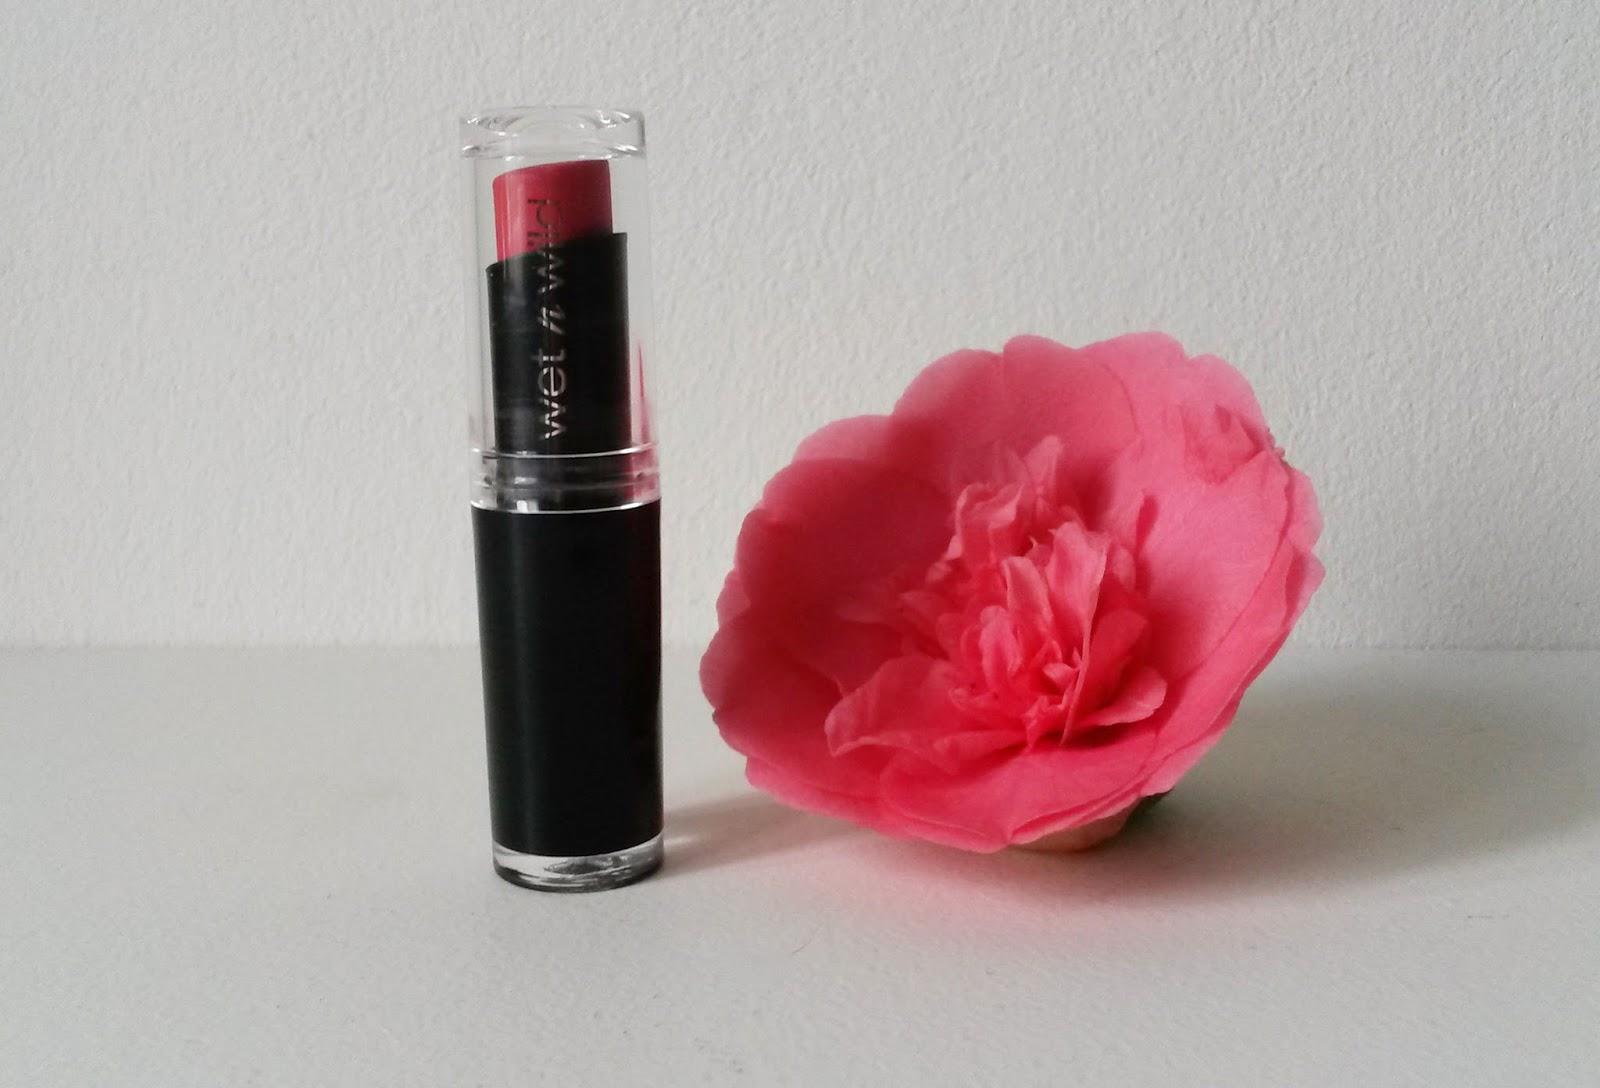 Produit que j'emmène avec moi : le rouge à lèvres